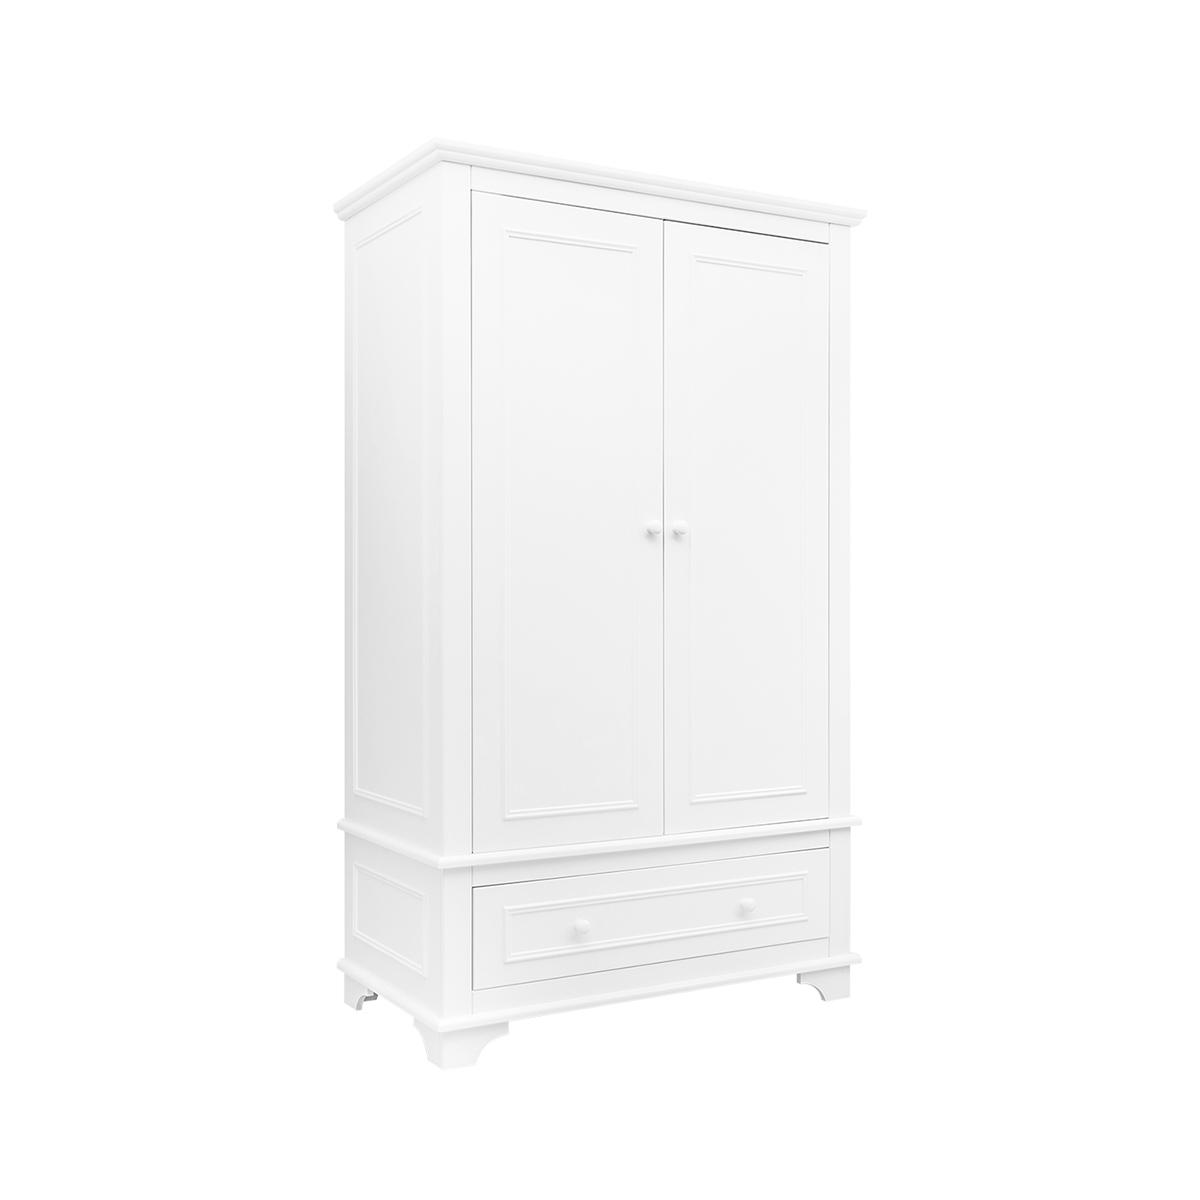 Armoire 2 portes xl blanc